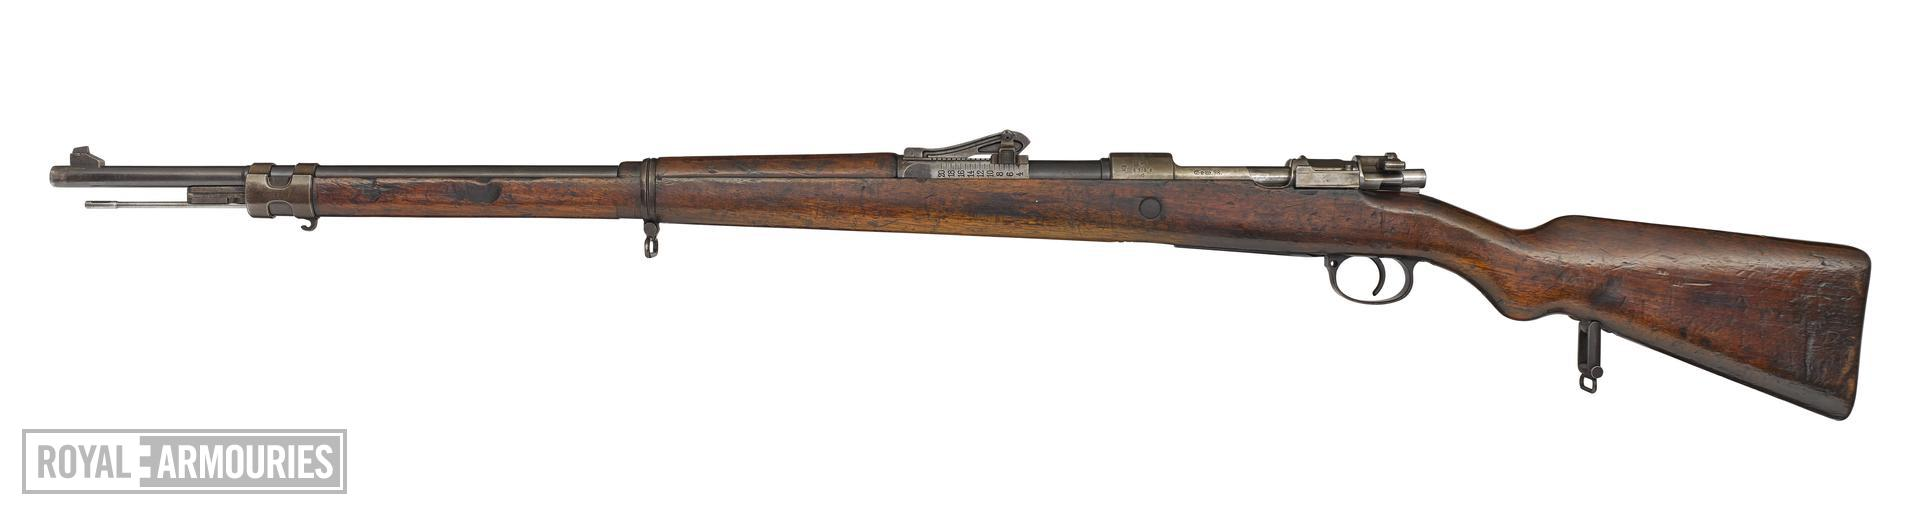 Centrefire bolt-action rifle - Mauser Gewehr 98 (about 1916)(2).jpg